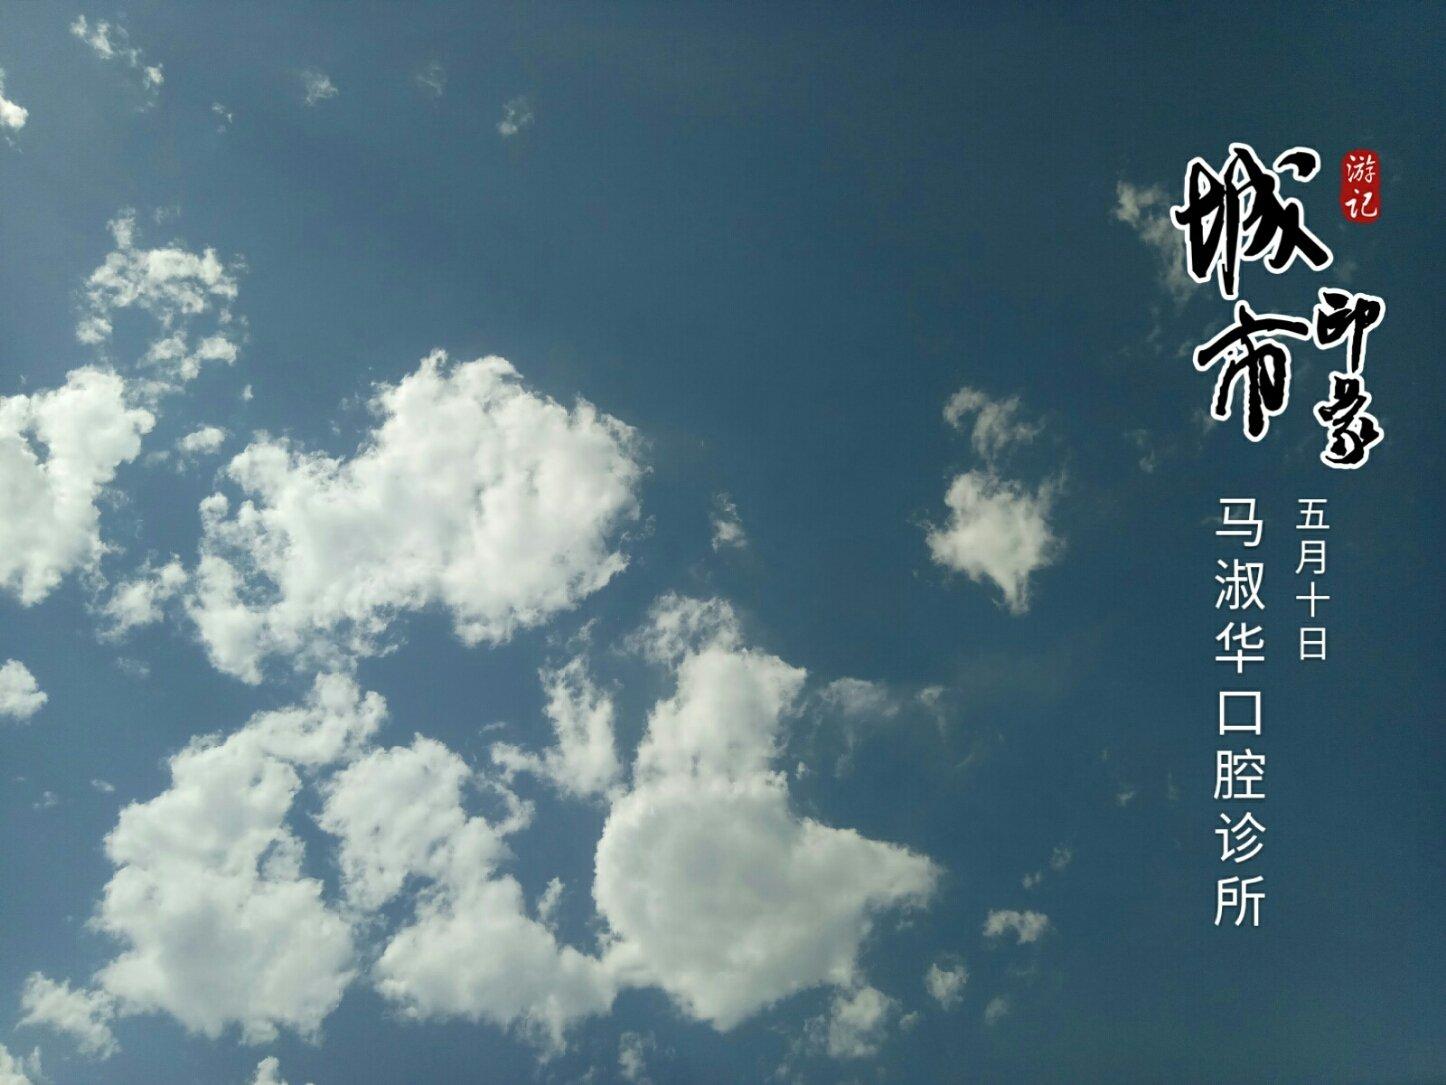 马淑华杜十娘下载_河北省石家庄市栾城区马淑华口腔诊所天气预报